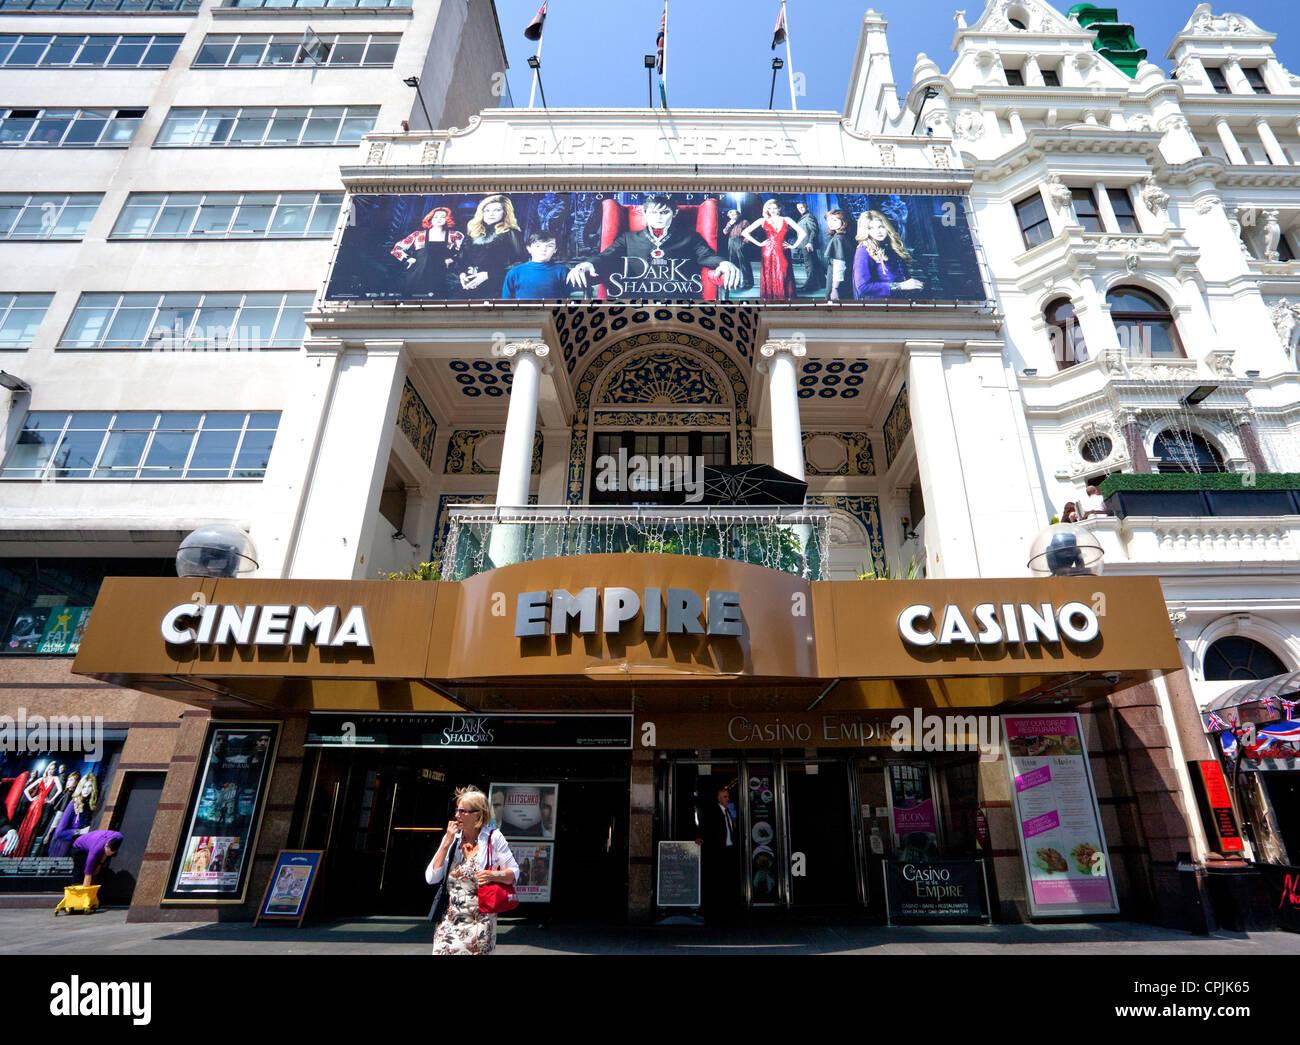 Empire cinema & casino in Leicester Square, London - Stock Image